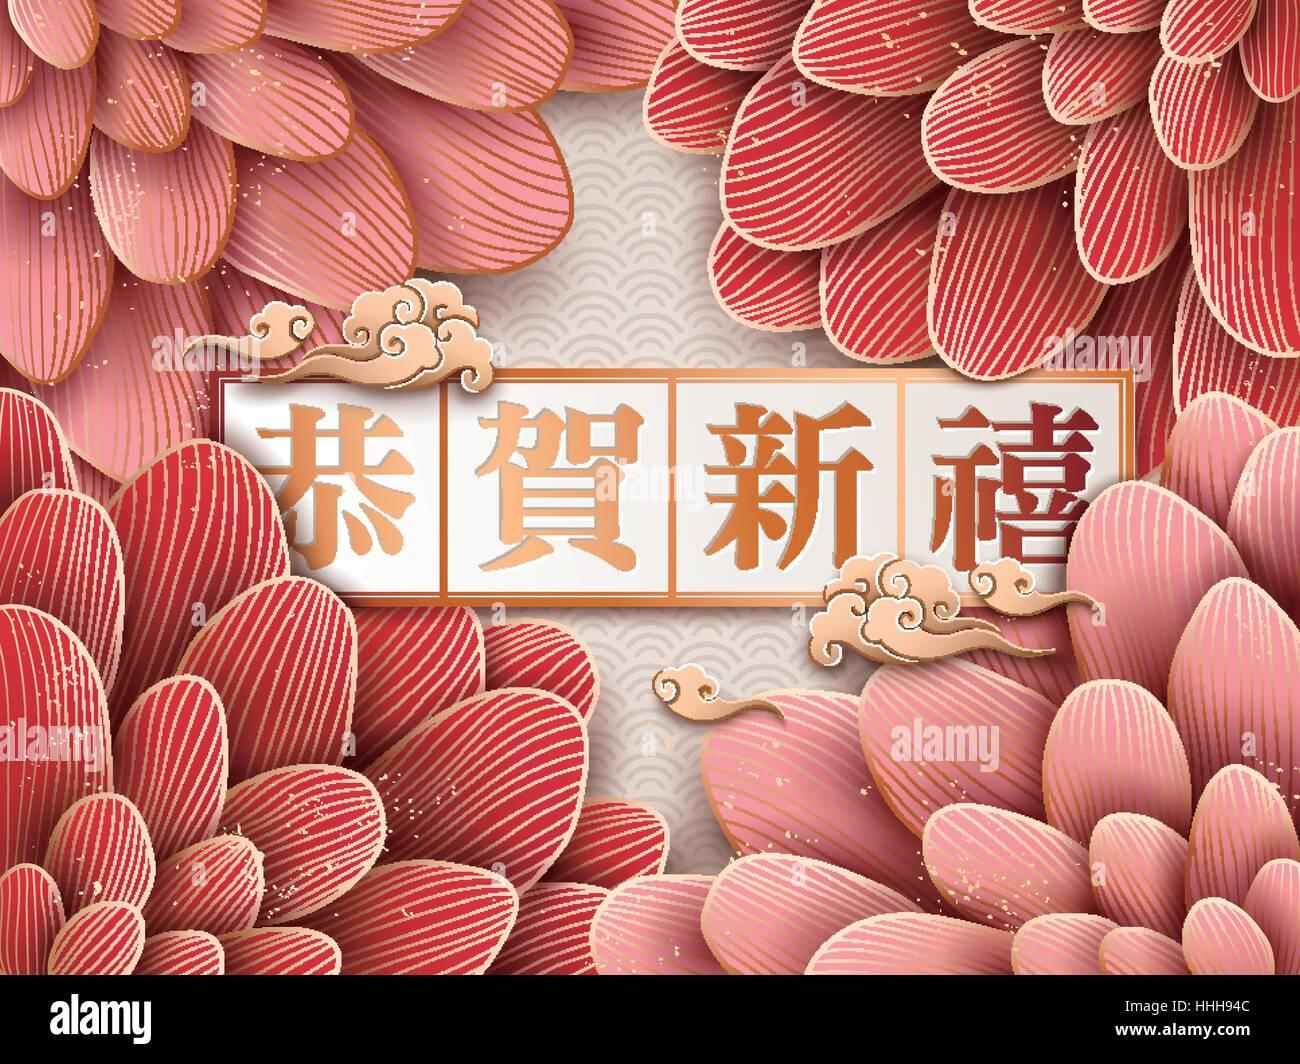 Chinesisches Neujahr 2017, chinesische Wörter: Frohes neues Jahr in ...